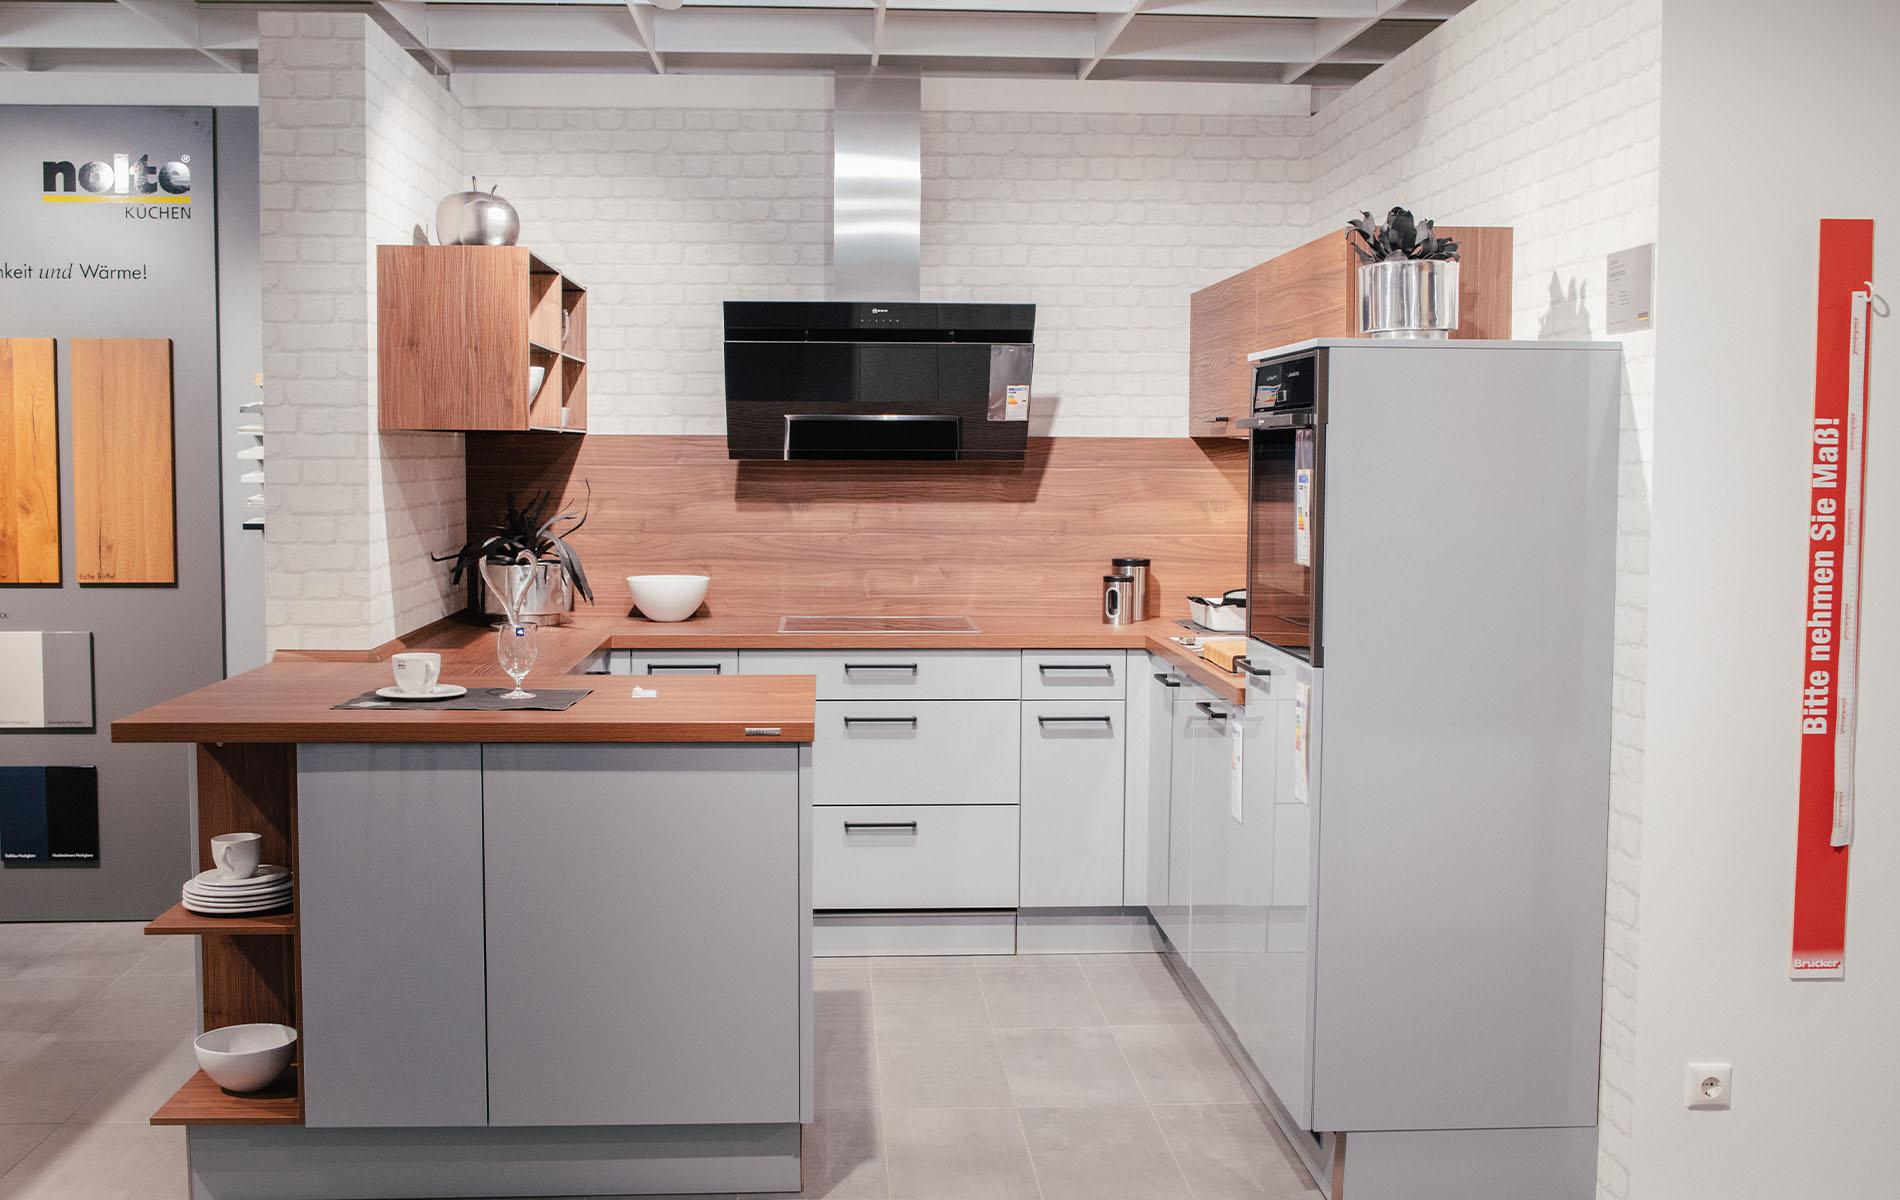 Küche Lux von Nolte